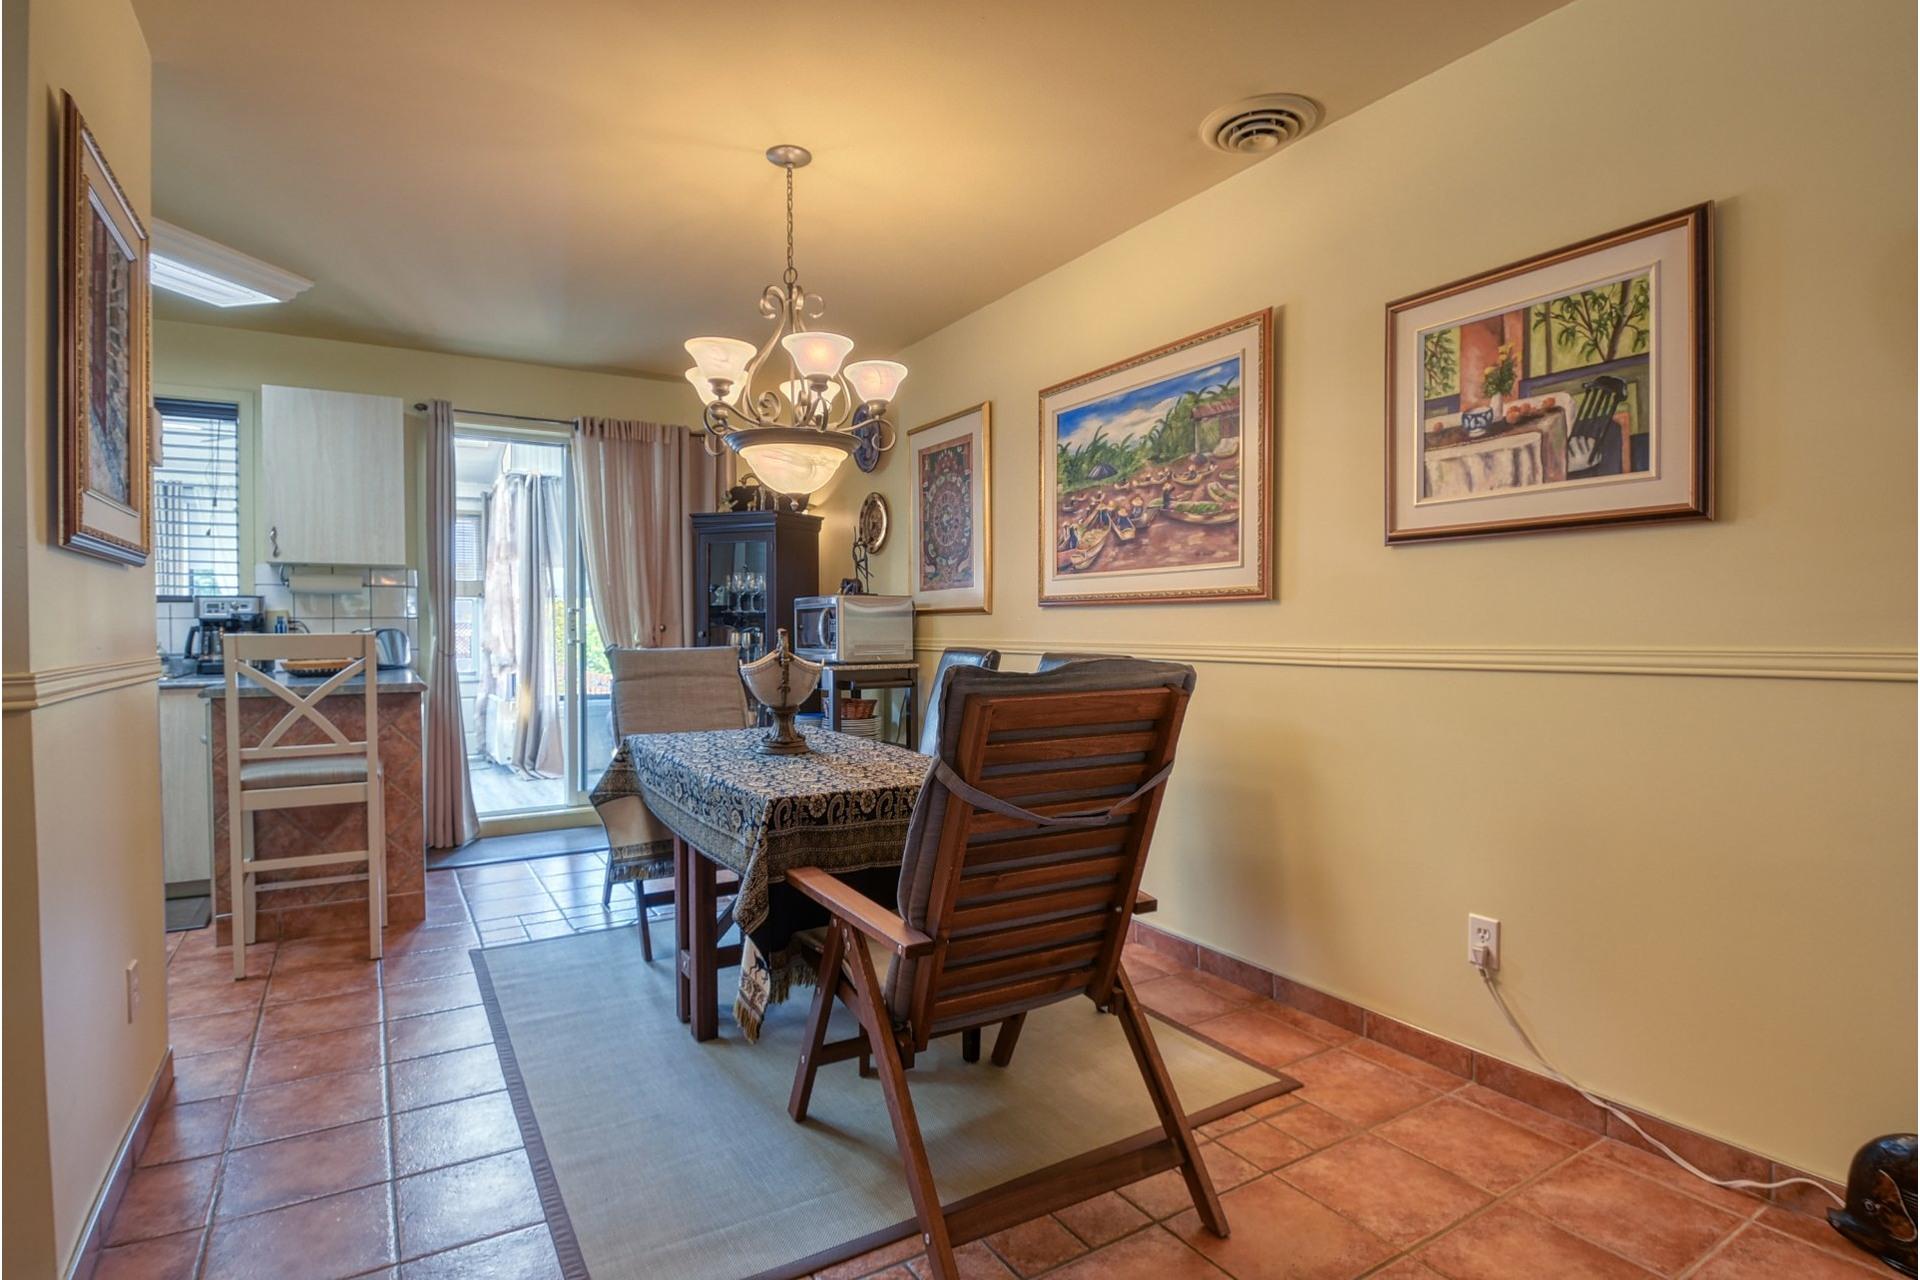 image 6 - House For sale Rivière-des-Prairies/Pointe-aux-Trembles Montréal  - 9 rooms